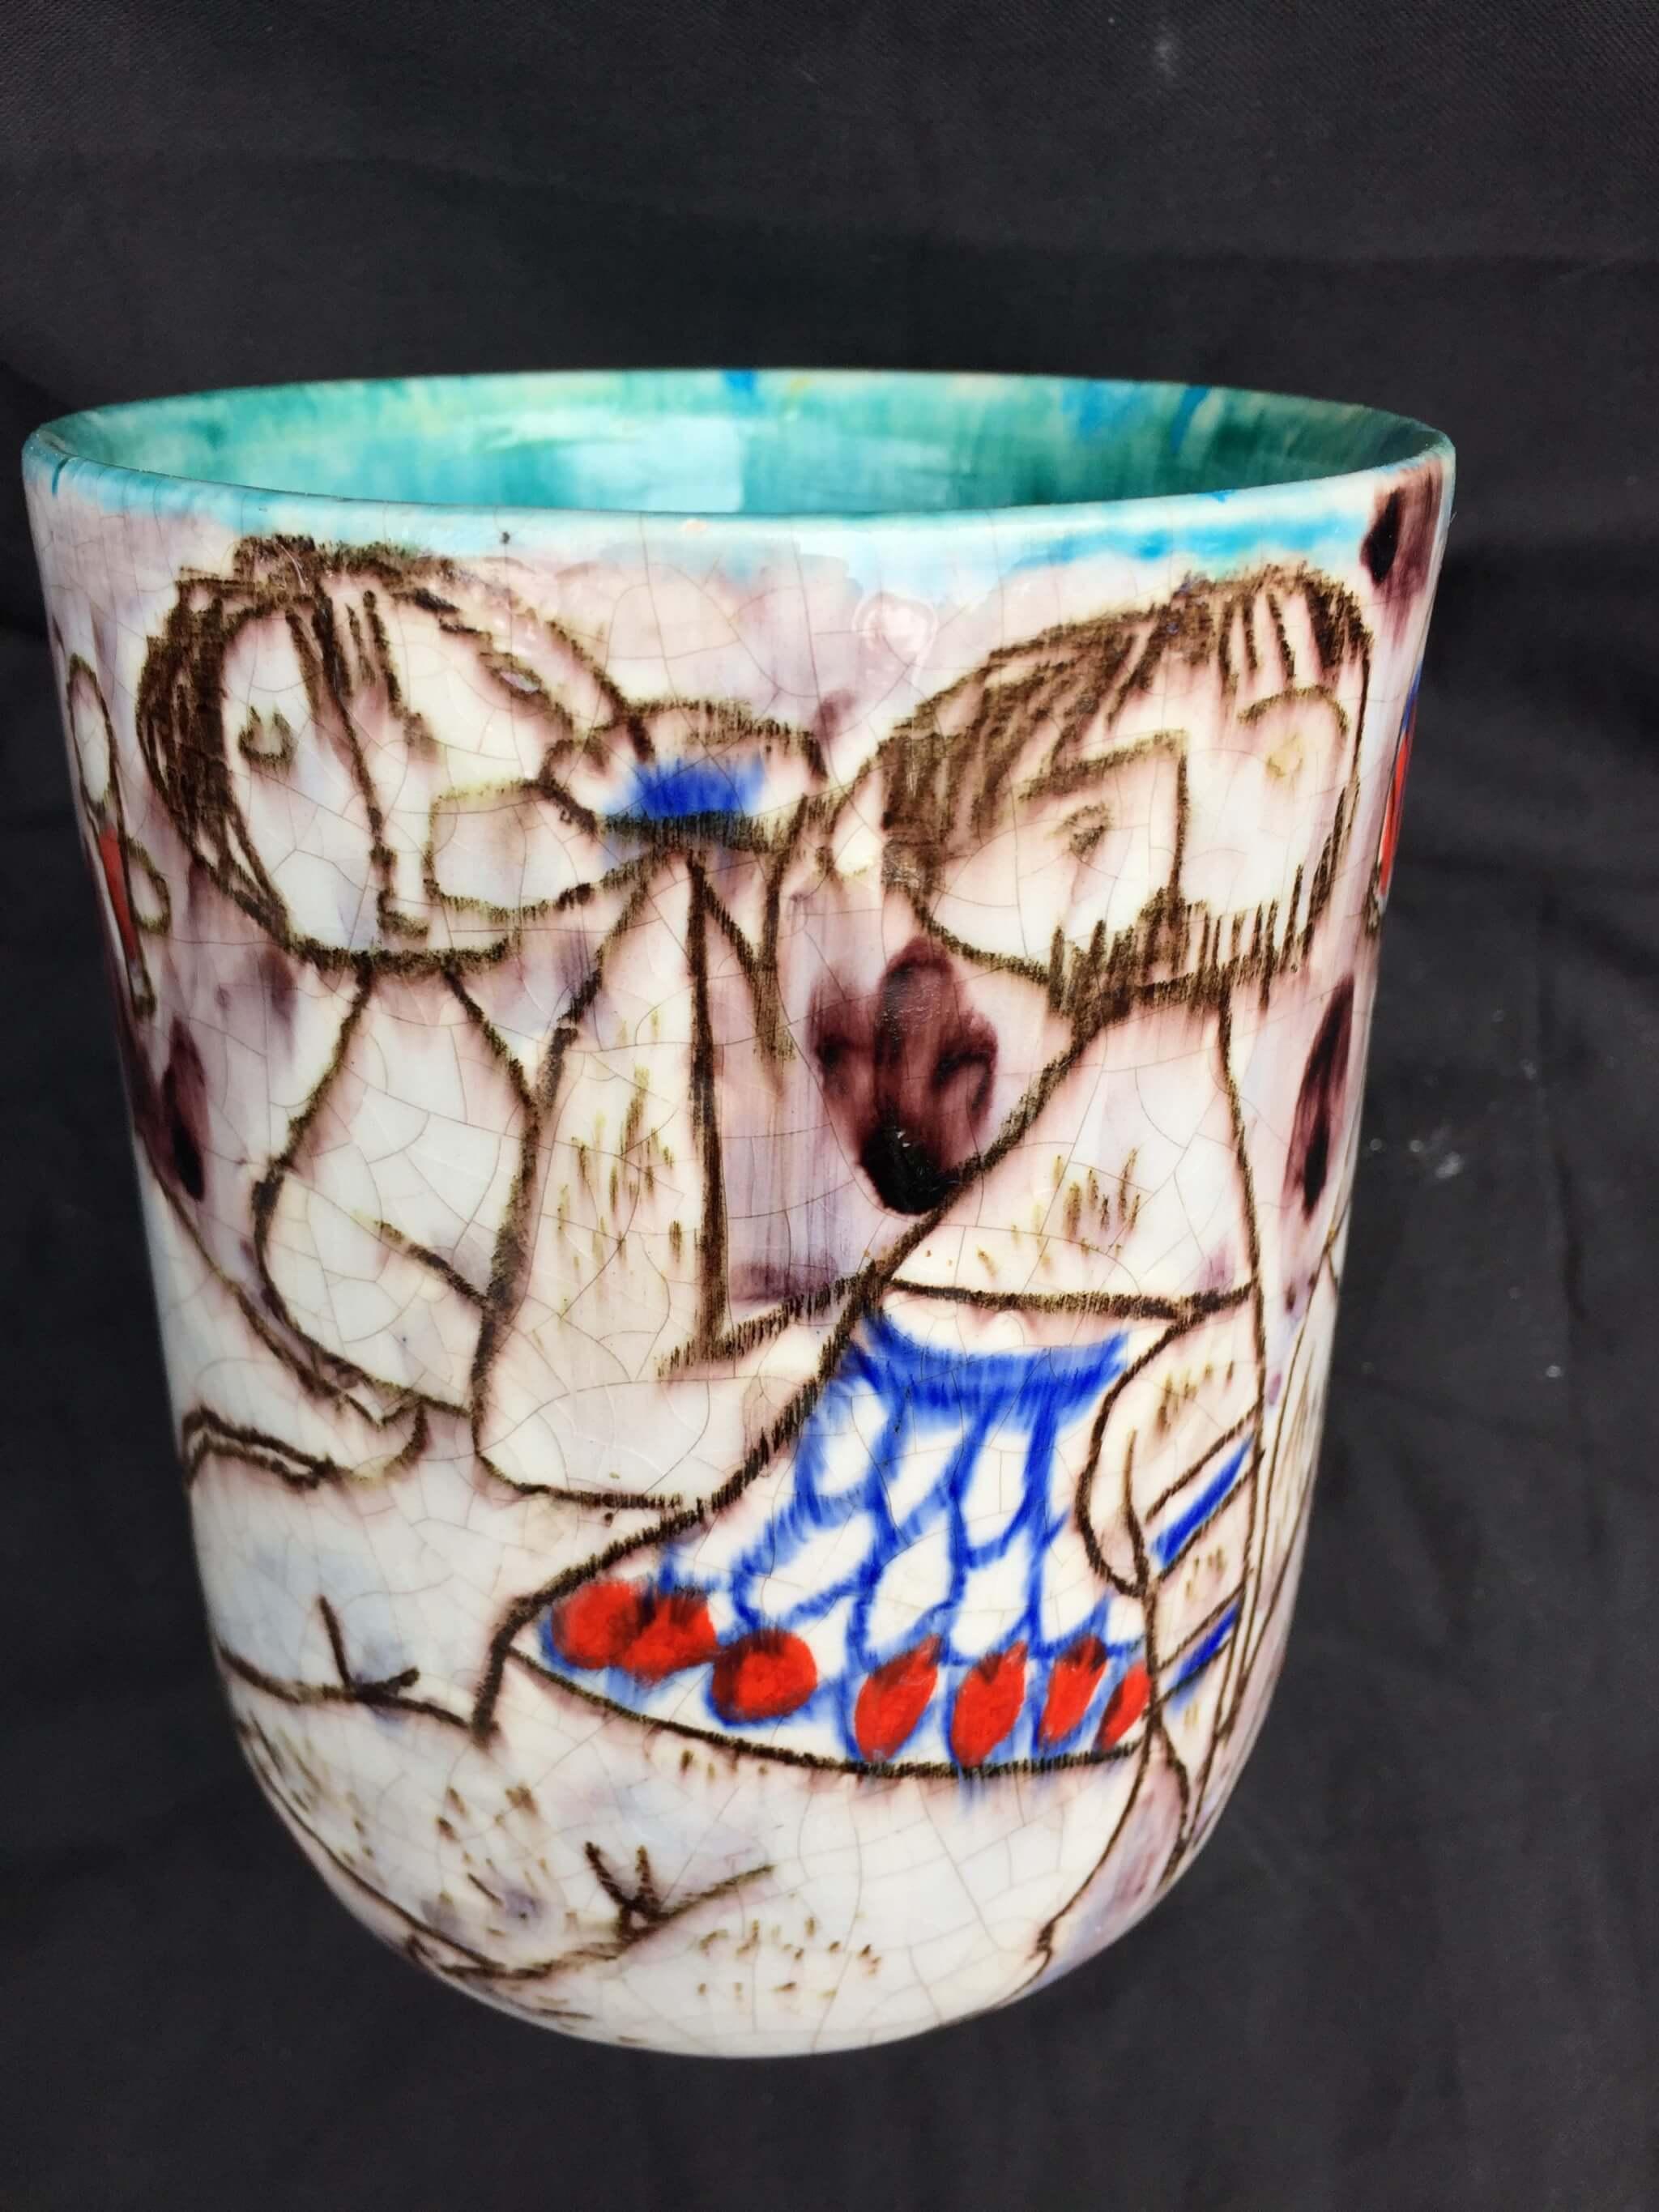 Italy Quot Erotica Quot Vessel Studio Ceramic 1950 Picasso Fantoni